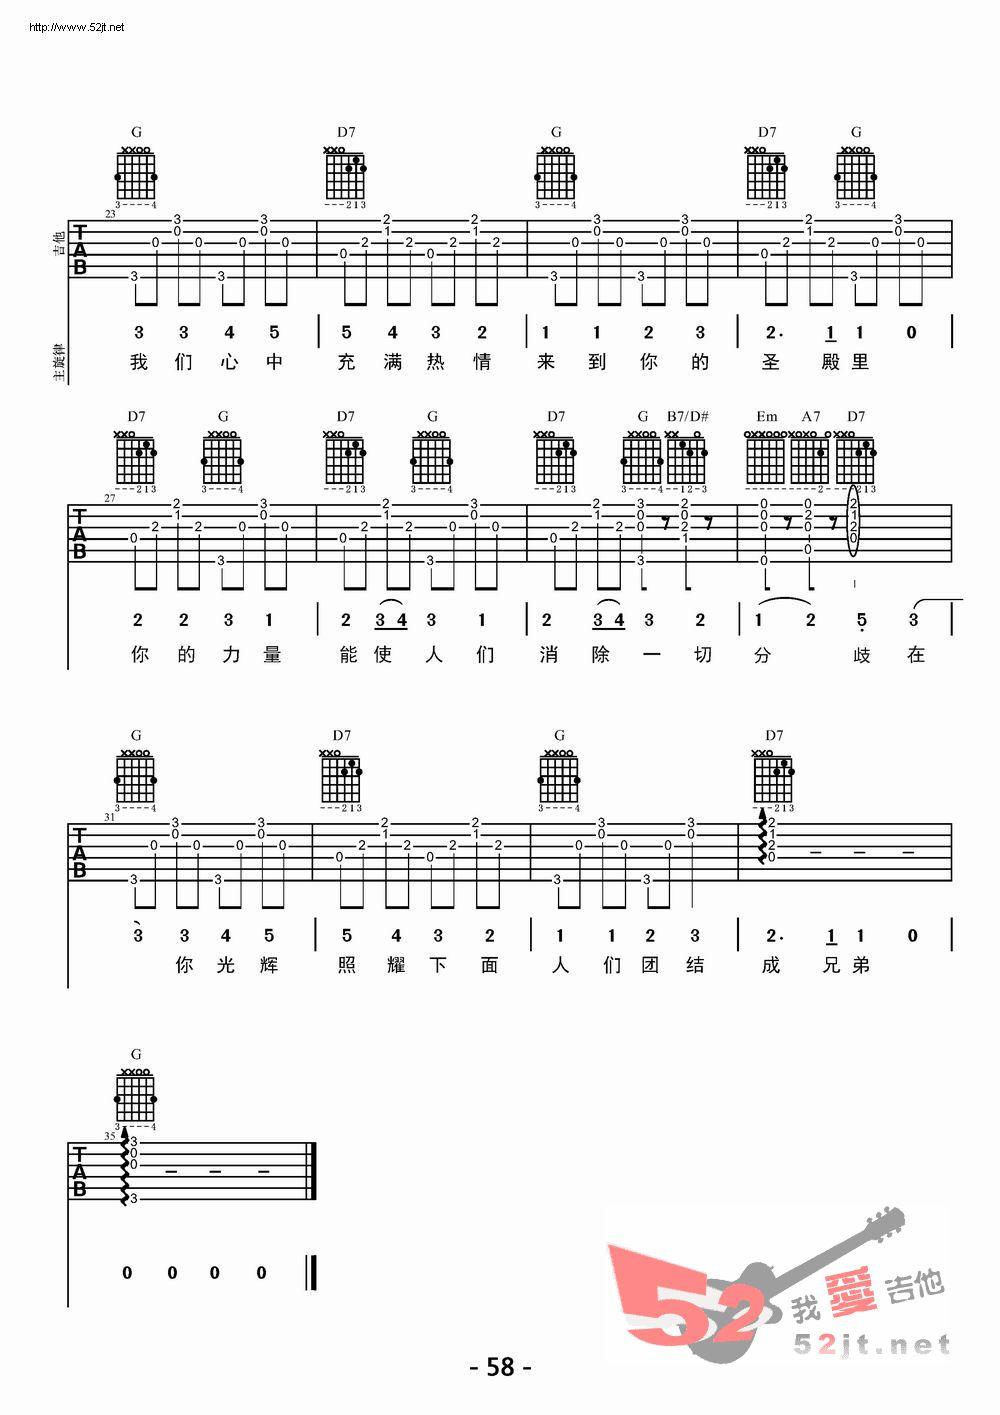 欢乐颂 吉他谱图片